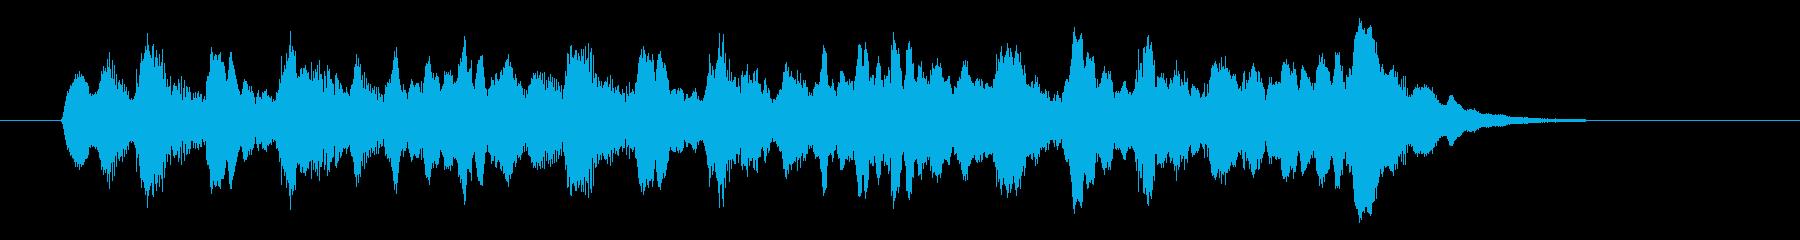 優しいシンセサウンド(神秘、宇宙)の再生済みの波形